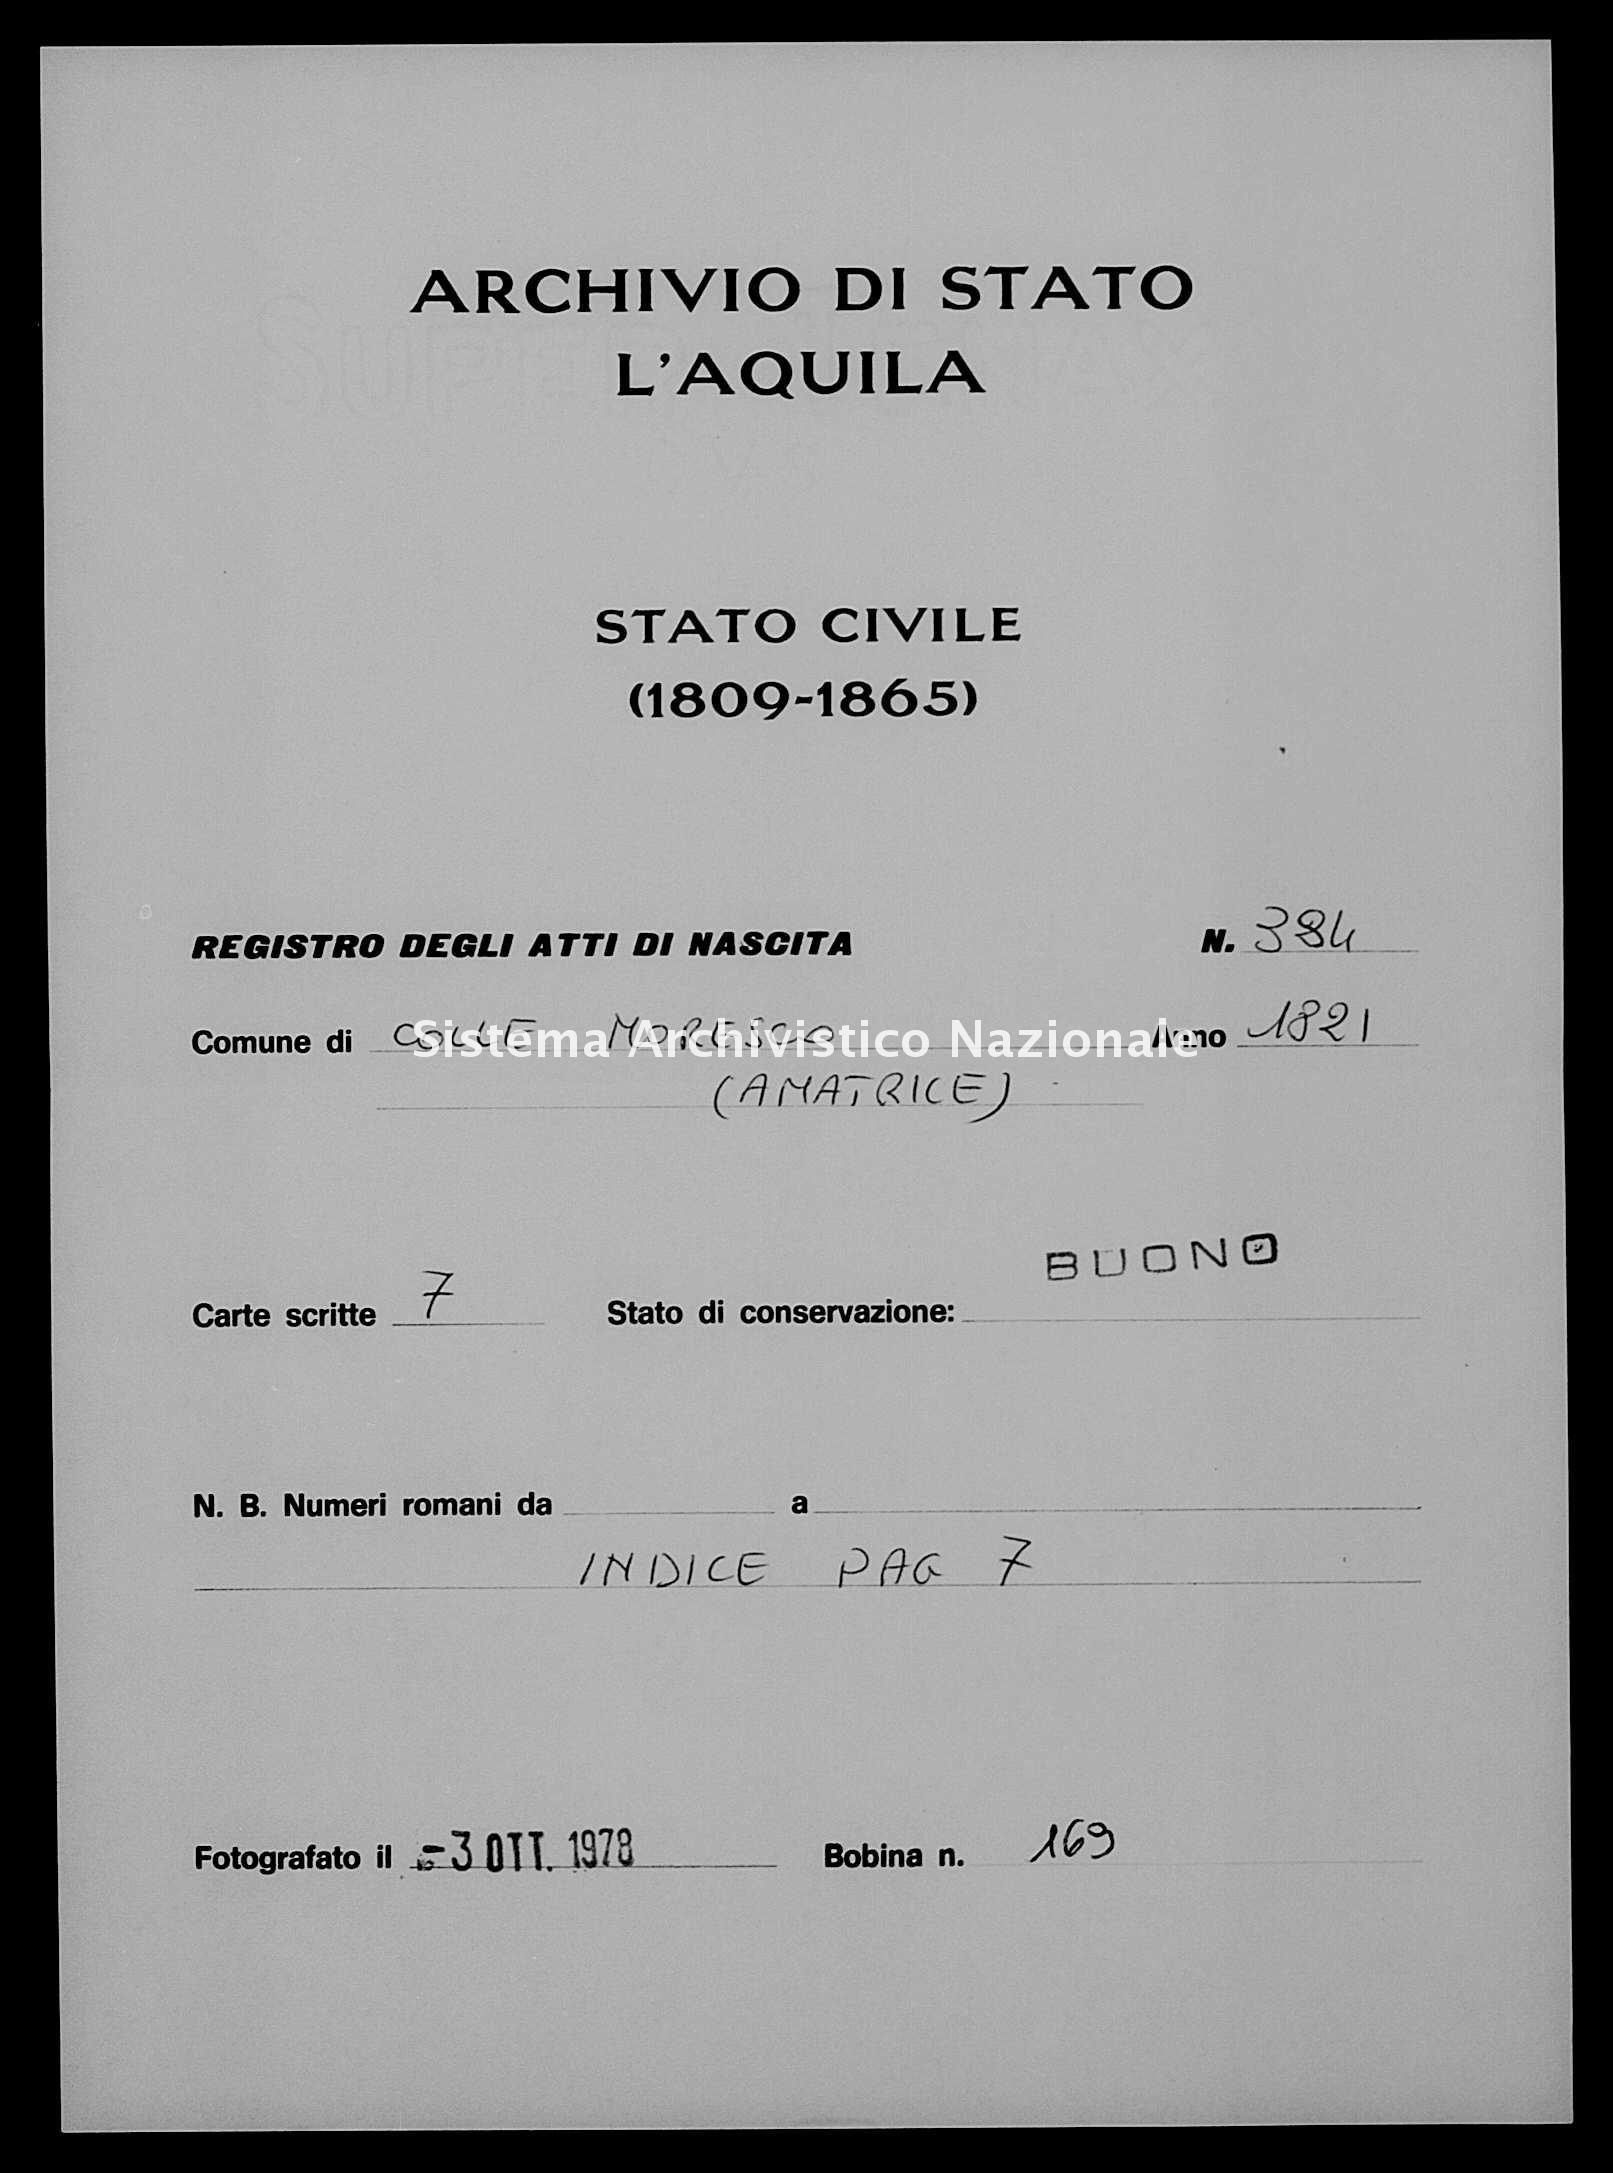 Archivio di stato di L'aquila - Stato civile della restaurazione - Collemoresco - Nati - 1821 - 384 -